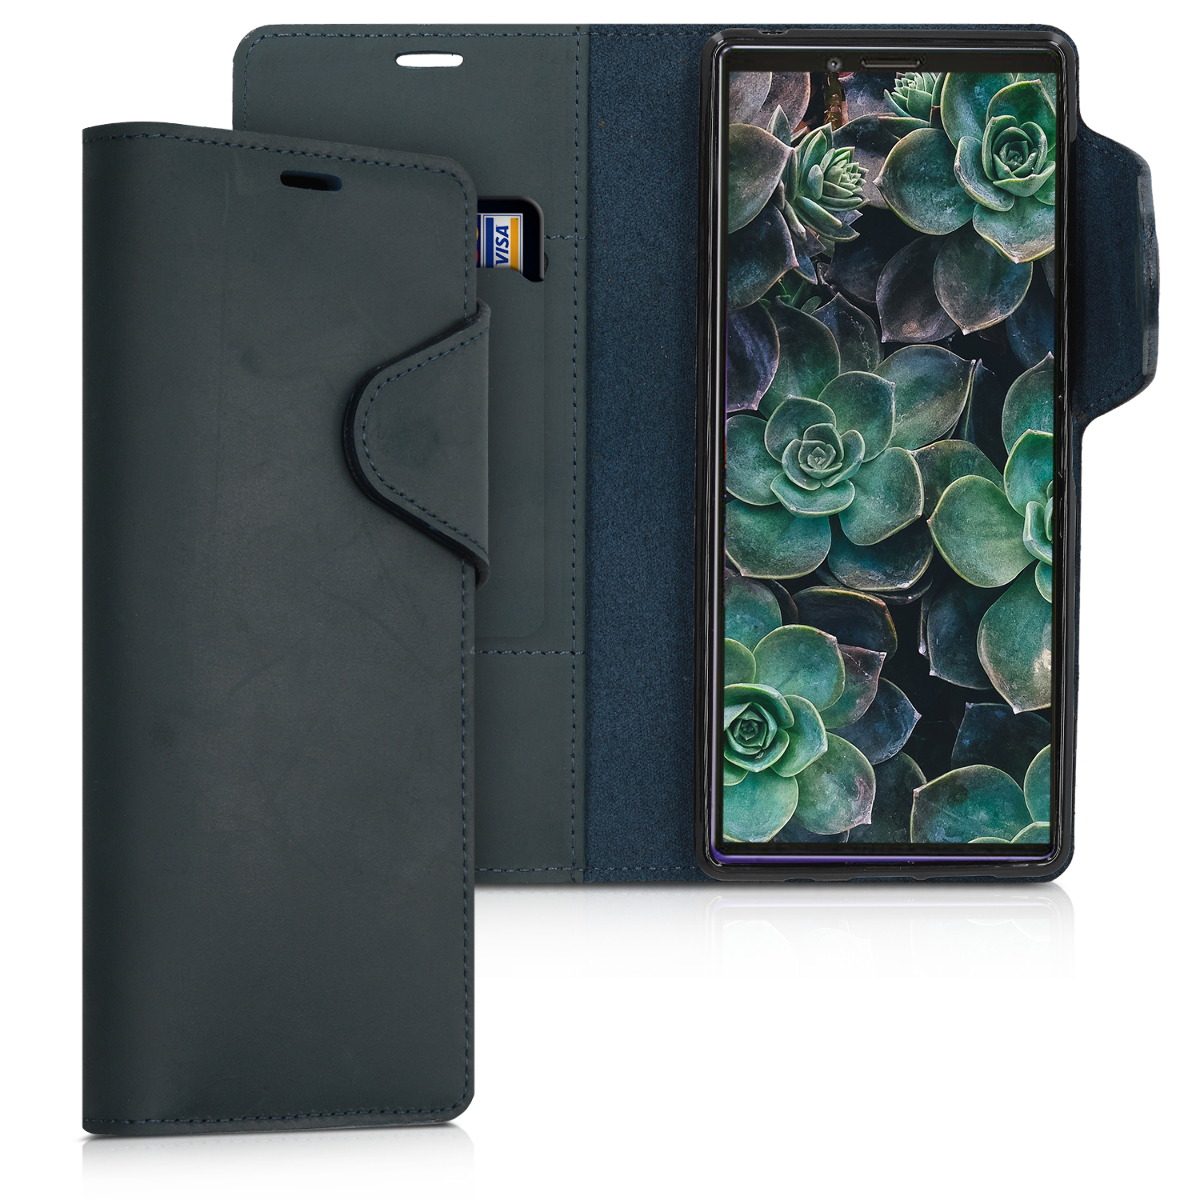 Kalibri Δερμάτινη Suede Θήκη - Πορτοφόλι Sony Xperia 1 - Dark Blue (49414.17)